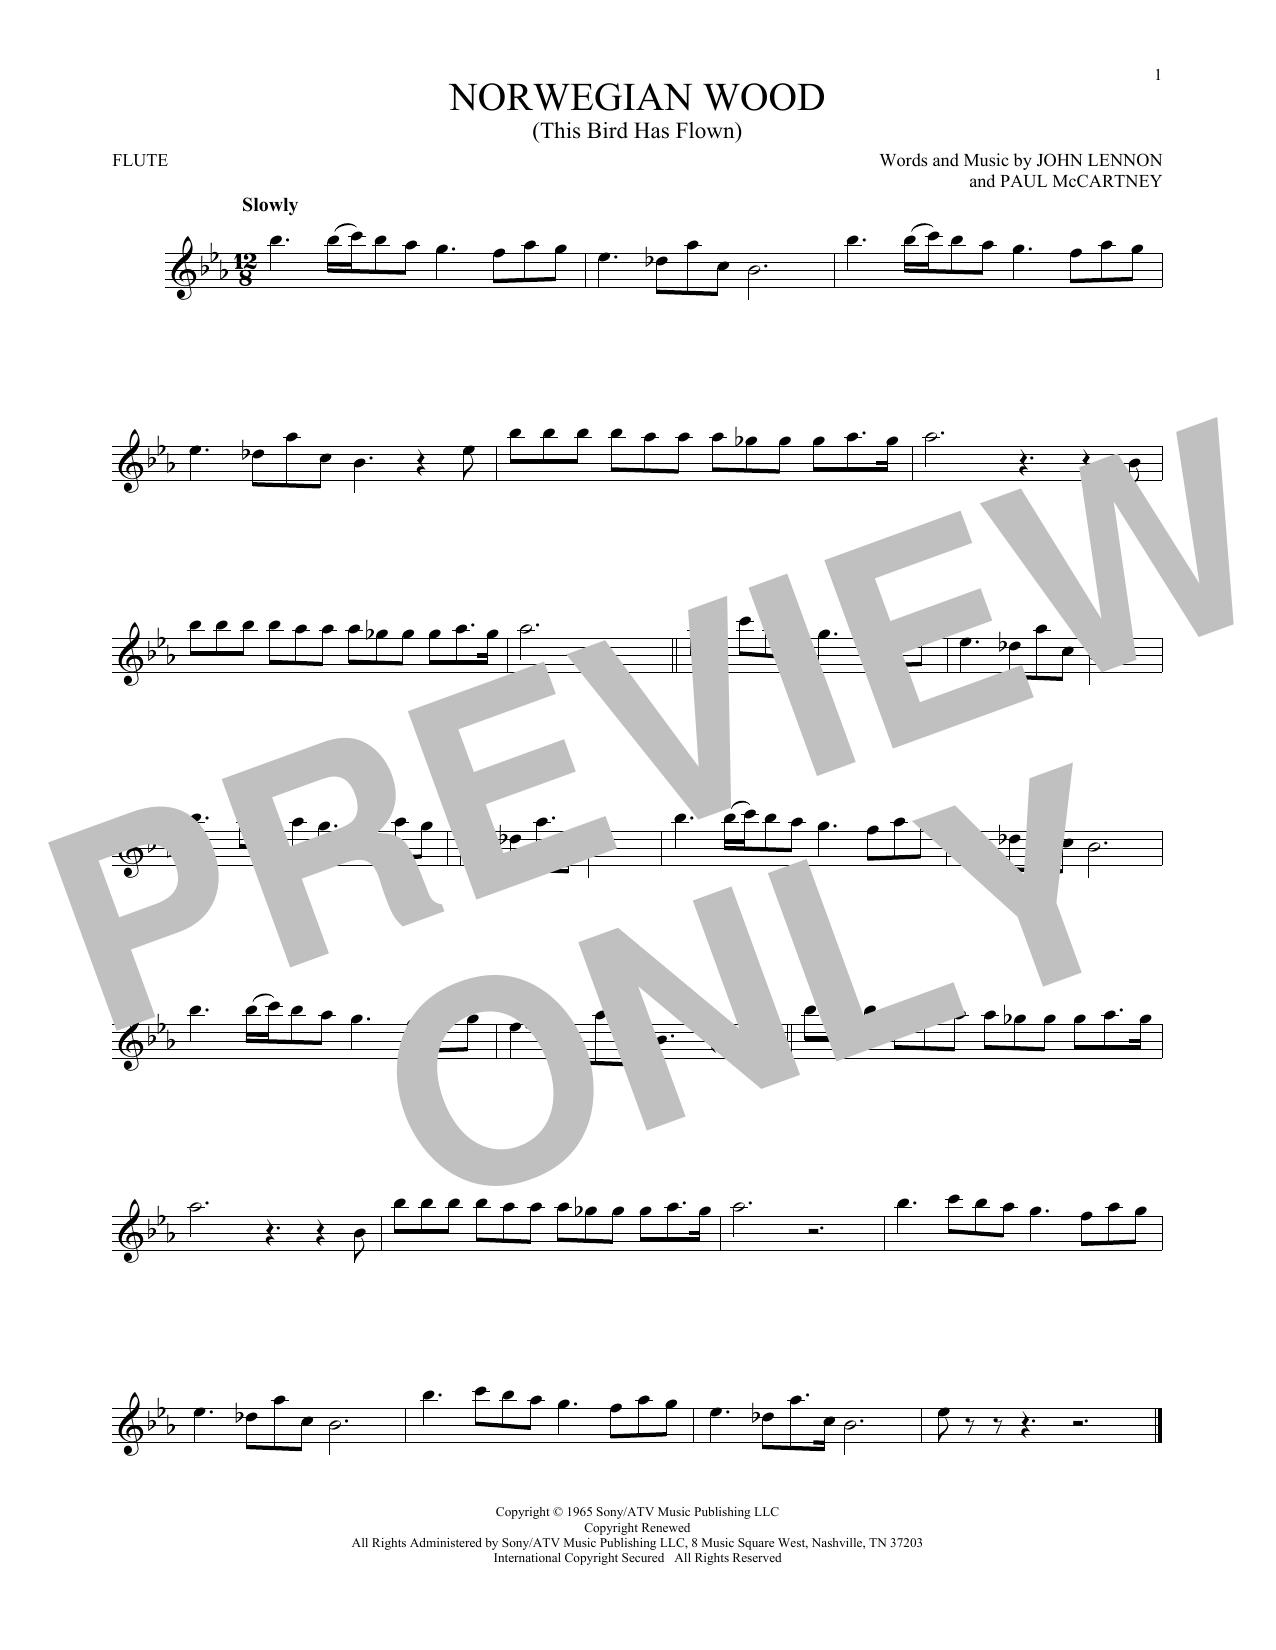 Partition flûte Norwegian Wood (This Bird Has Flown) de The Beatles - Flute traversiere